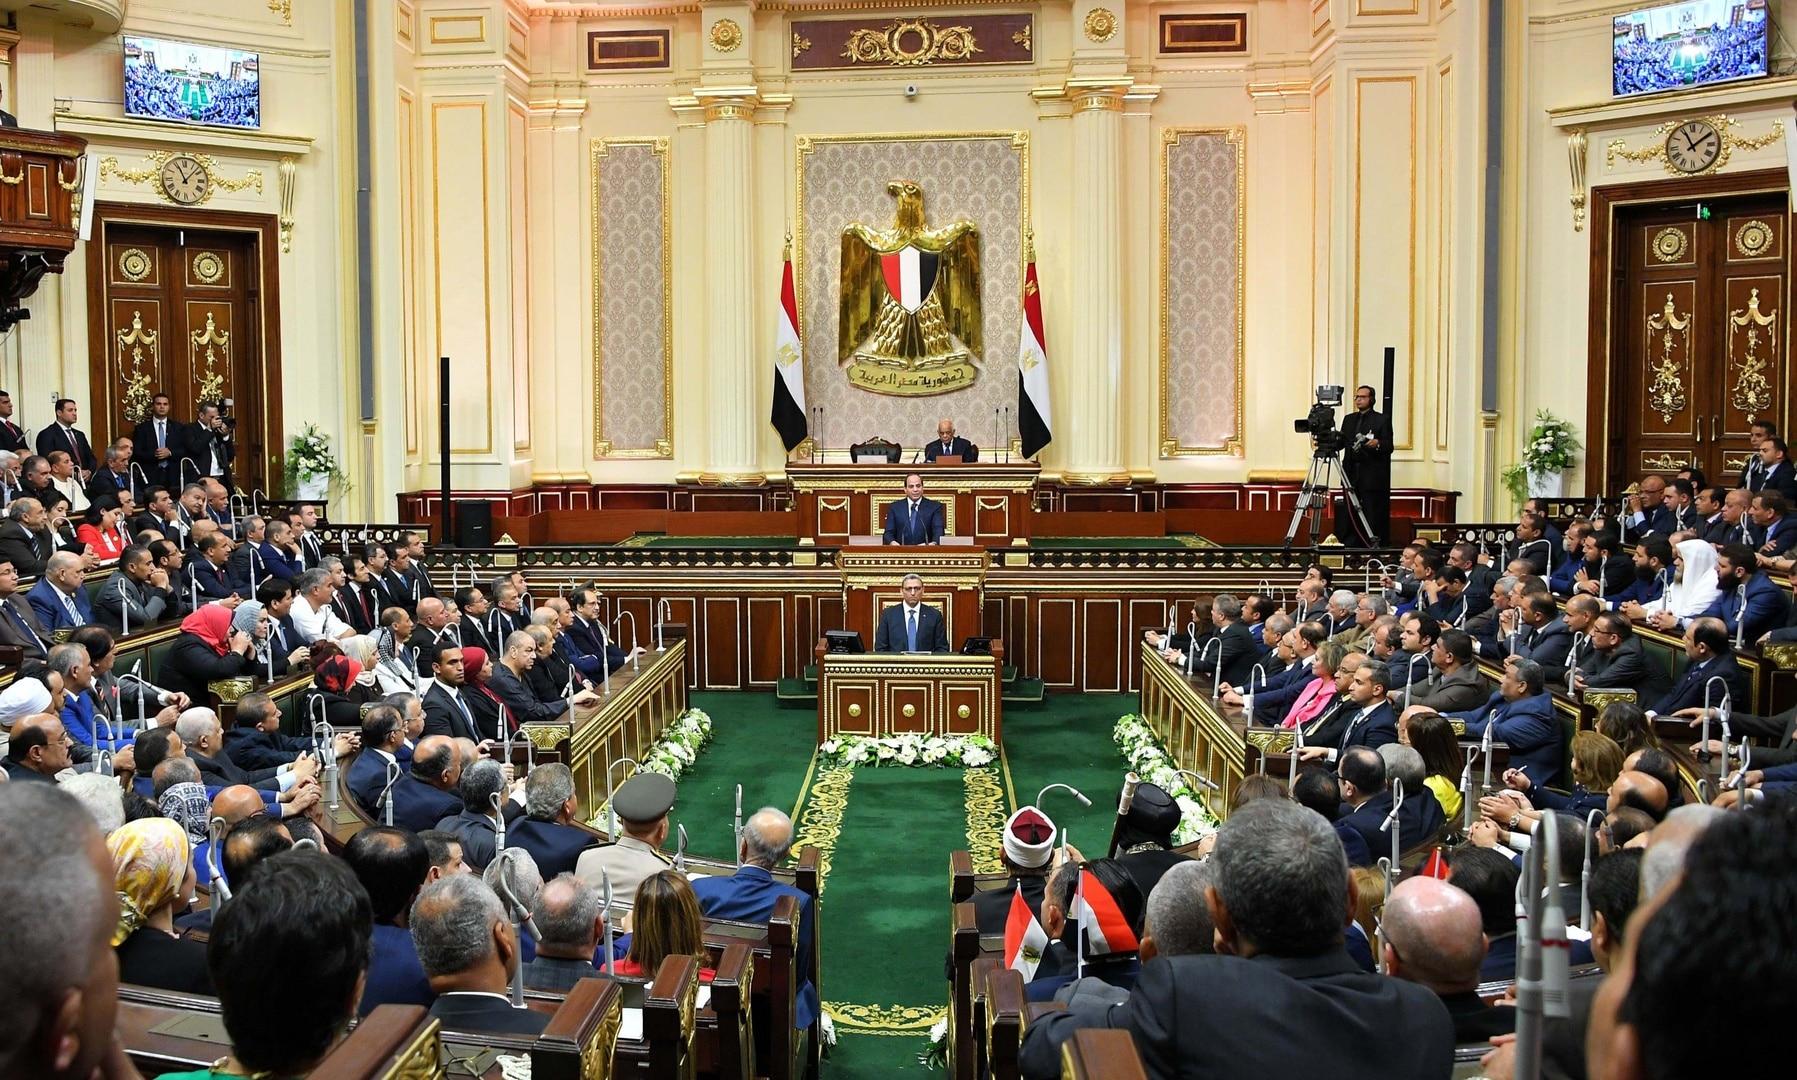 جلسة عاصفة في مجلس النواب المصري بسبب سد النهضة فما قصة إسرائيل؟